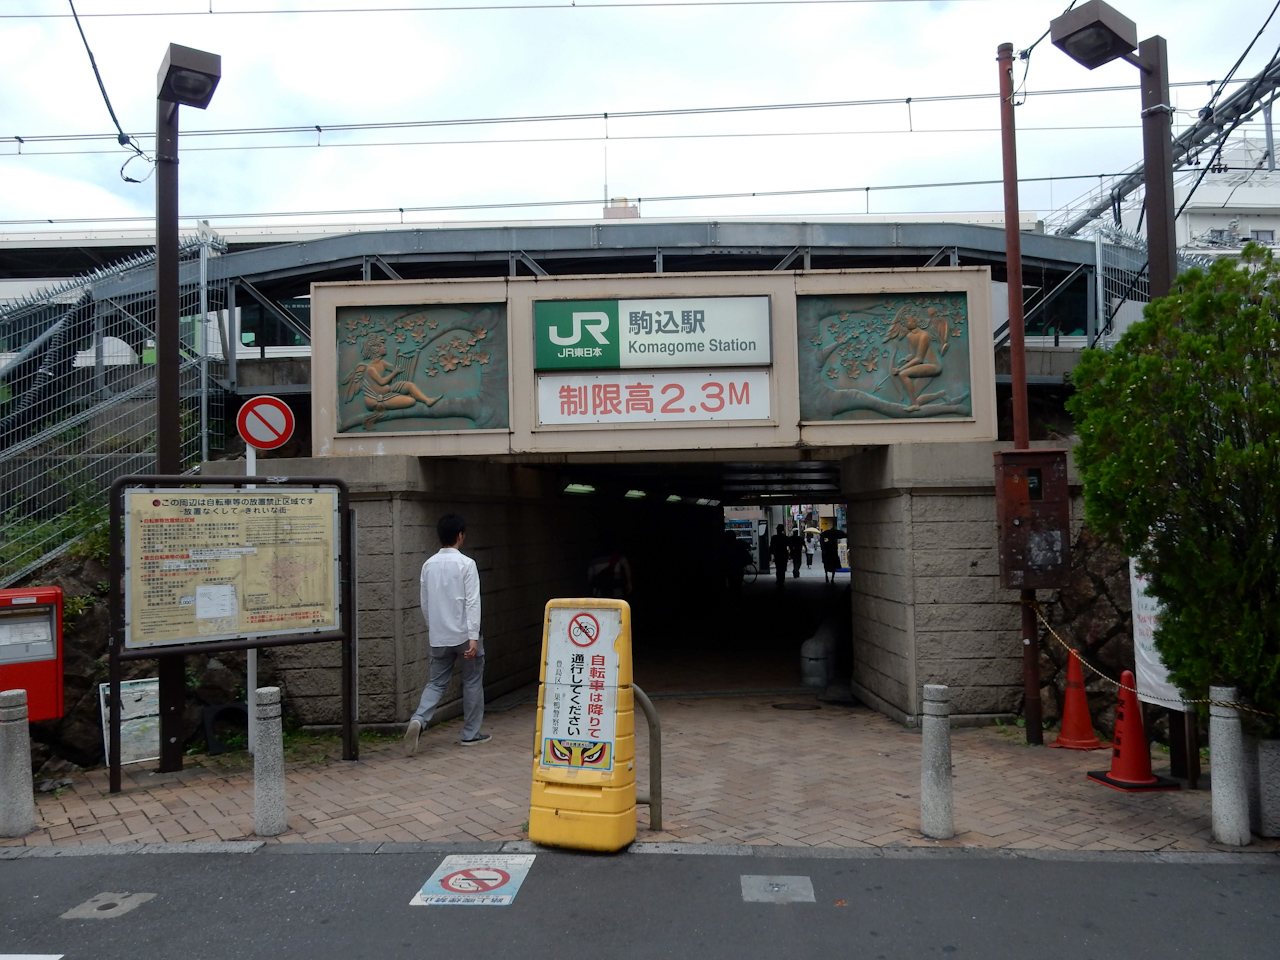 山手線一周 ライド  駒込駅